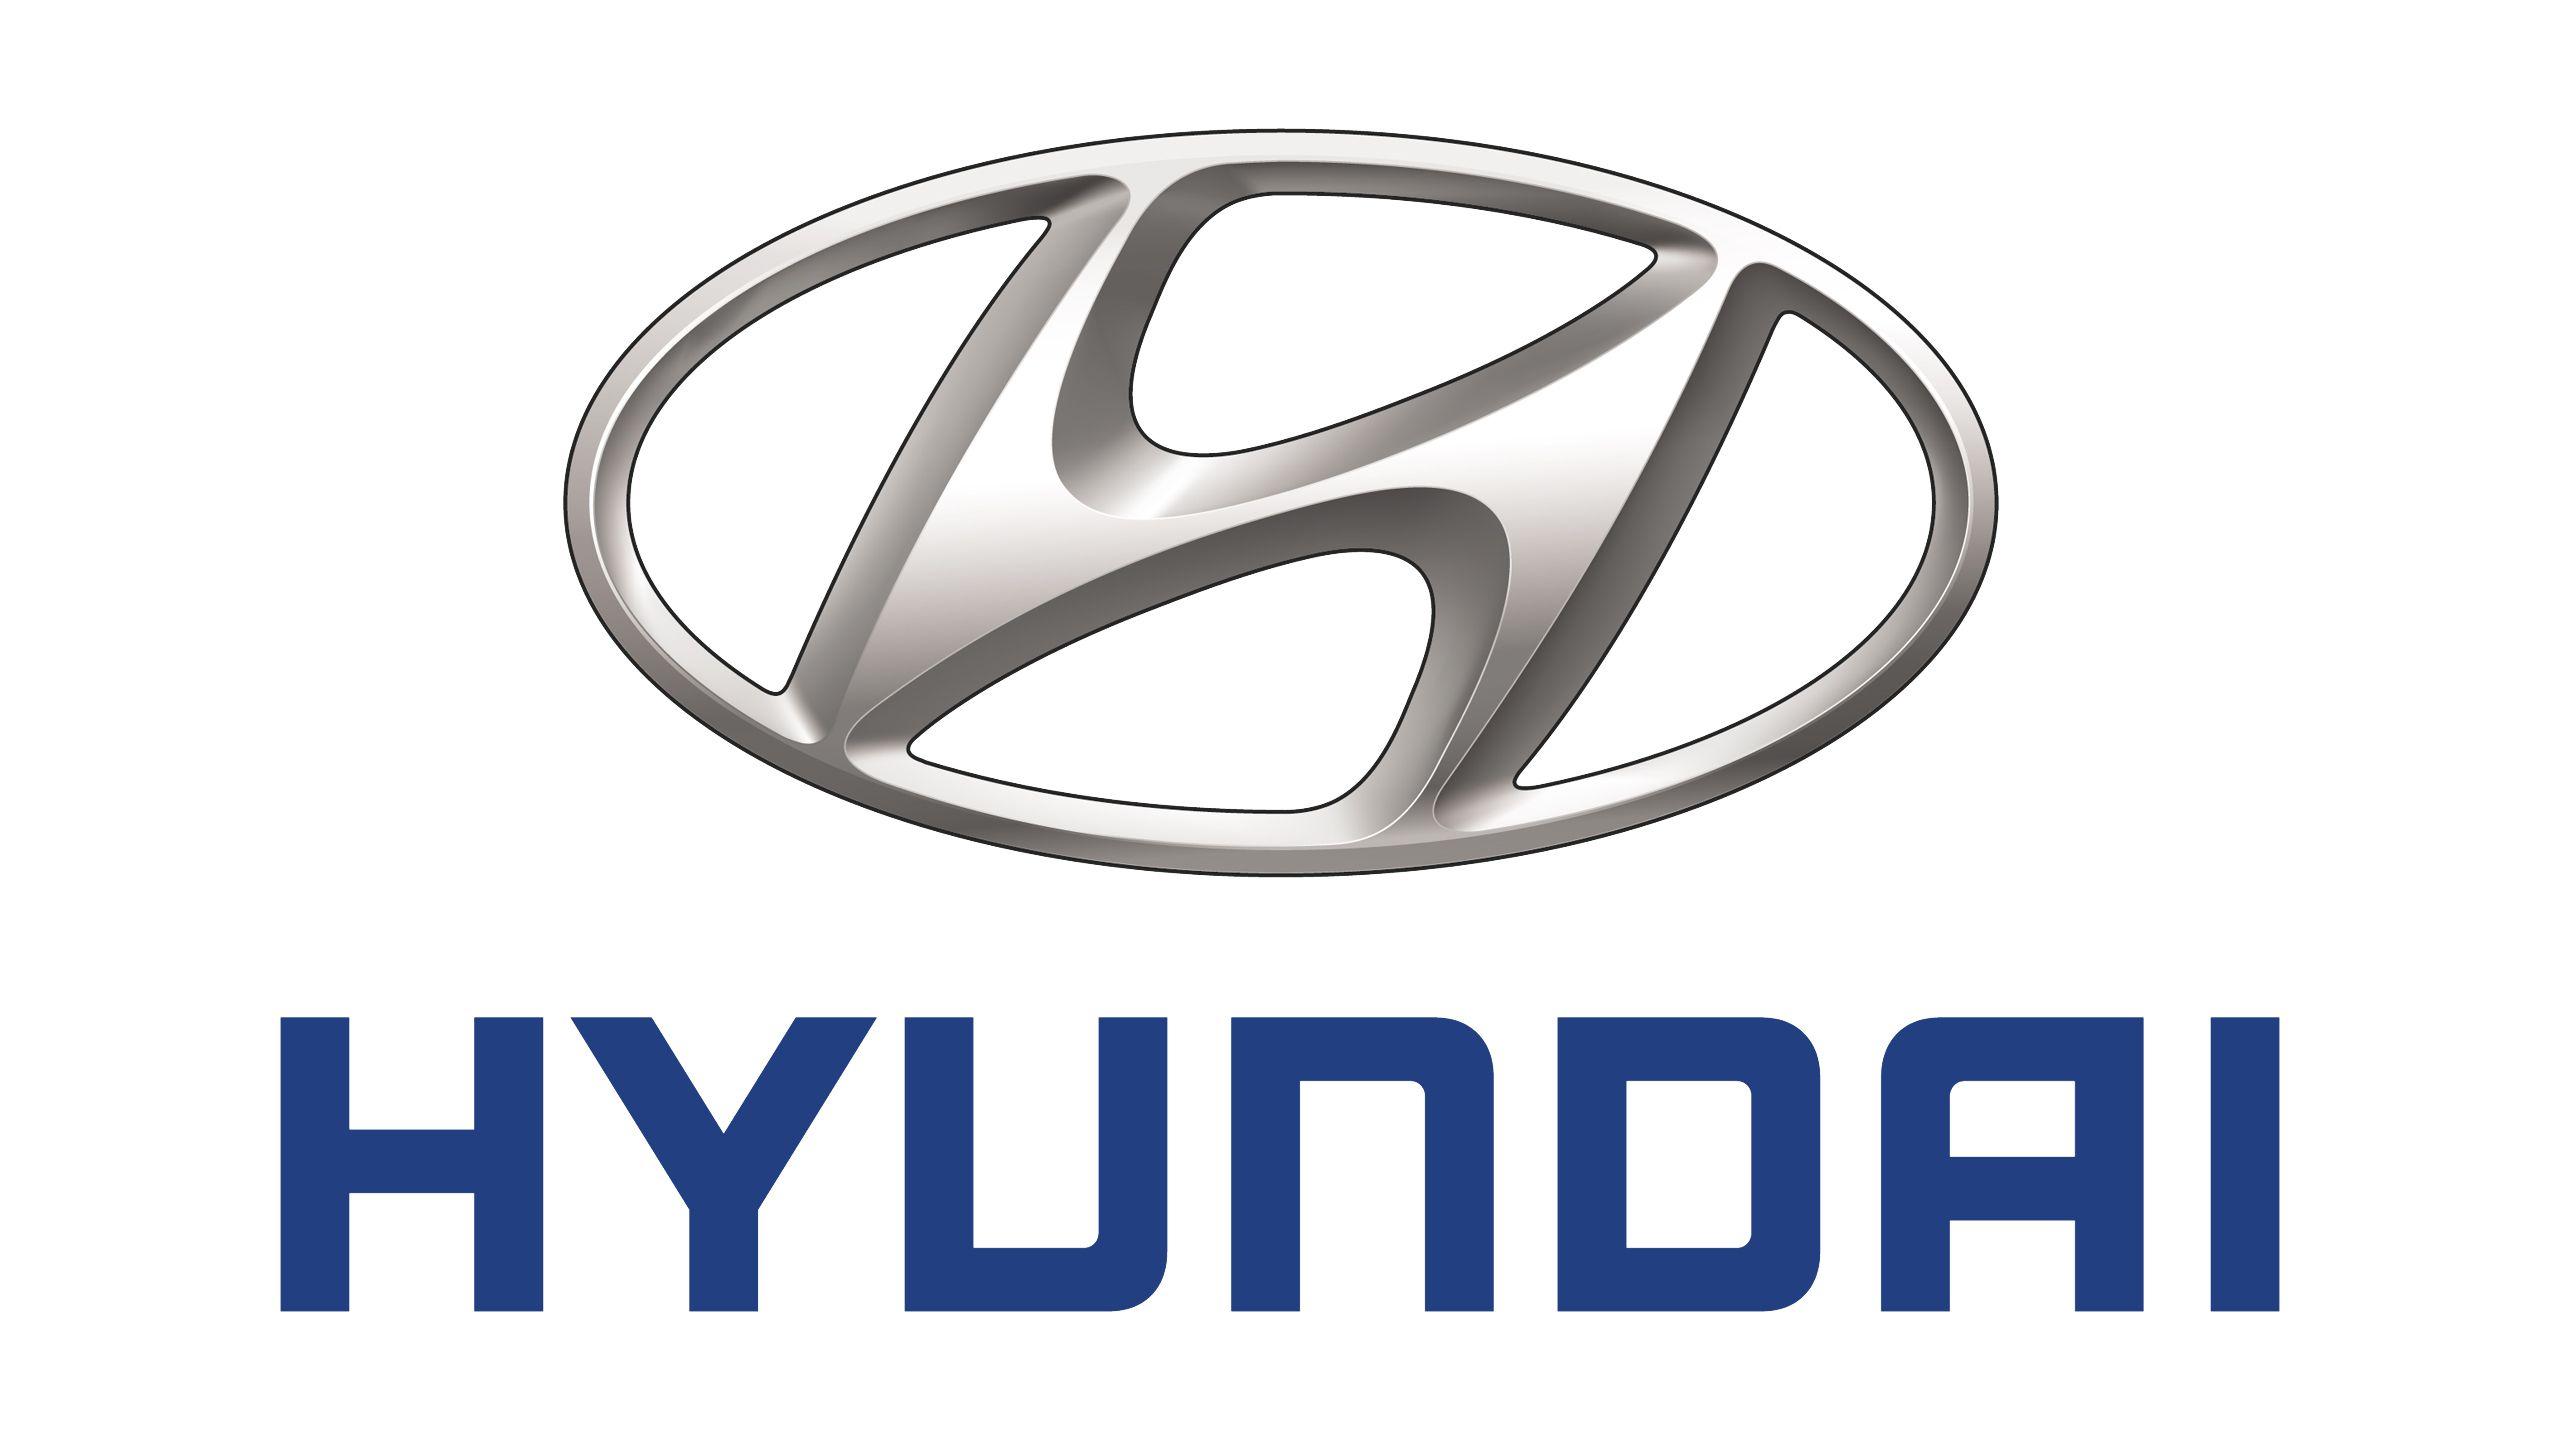 <p><em>Перечень бензиновых моделей HYUNDAI, доступных для чип-тюнинга</em></p>